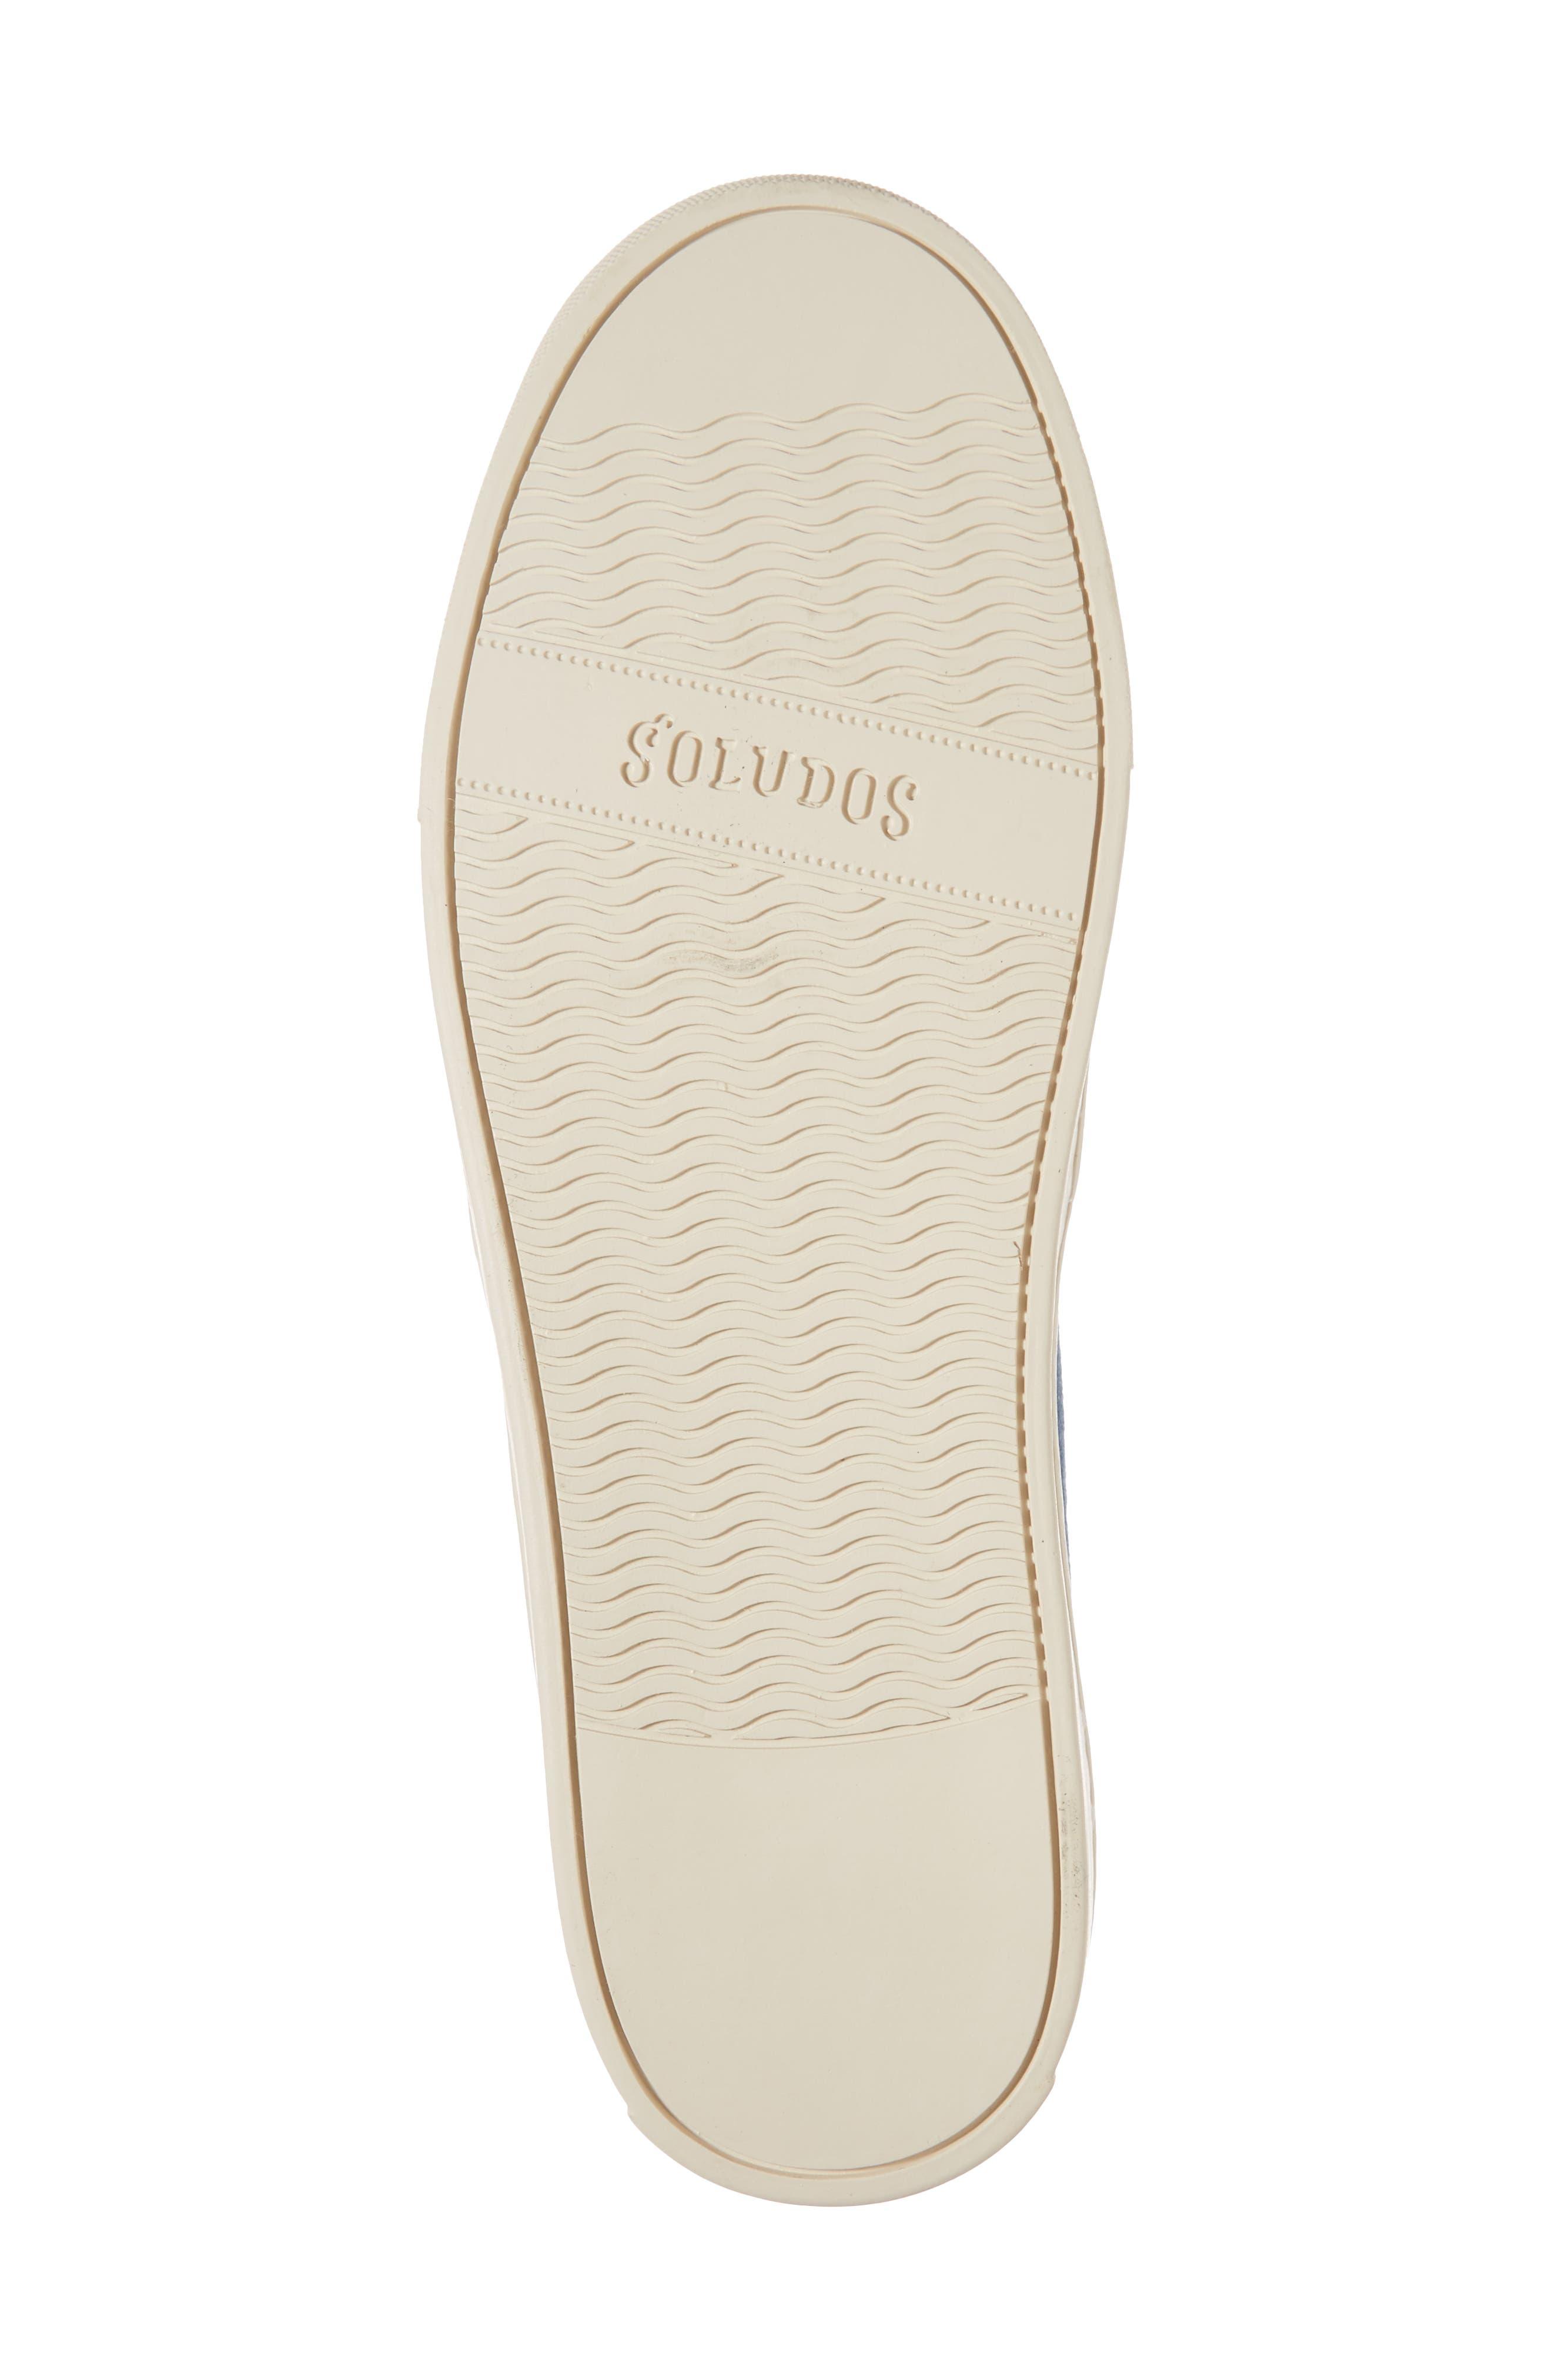 Otomi Slip-On Sneaker,                             Alternate thumbnail 6, color,                             Denim Fabric